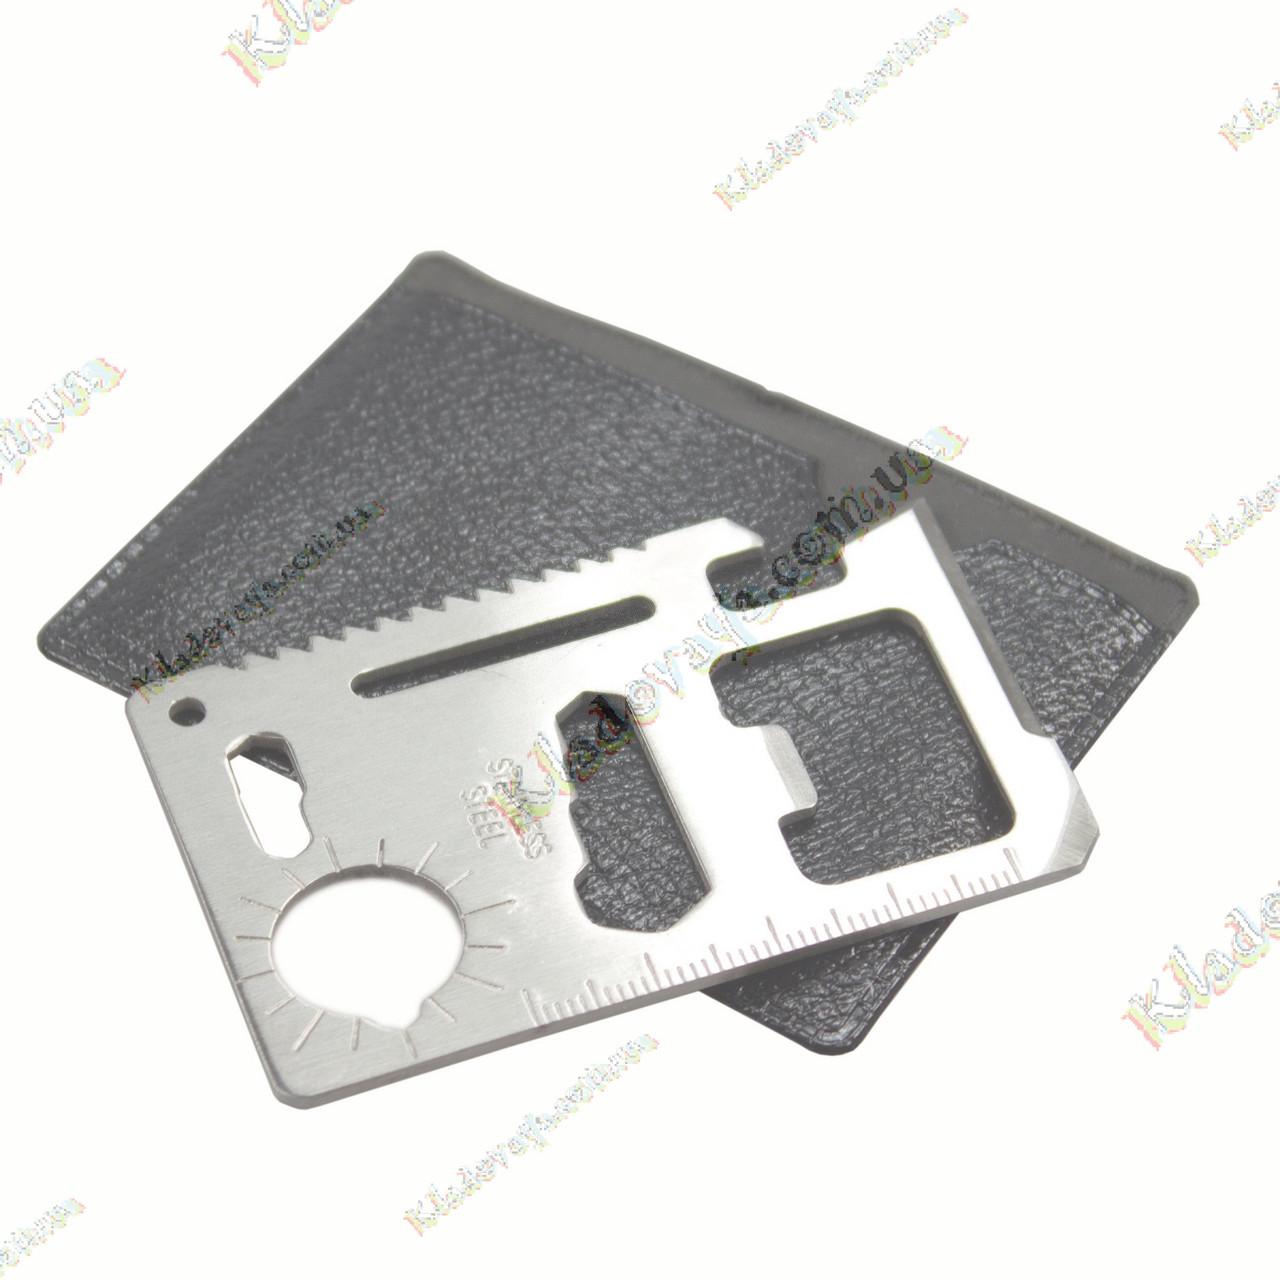 Мультитул-кредитка 11 в 1 -Туристический многофункциональный инструмент, фото 1